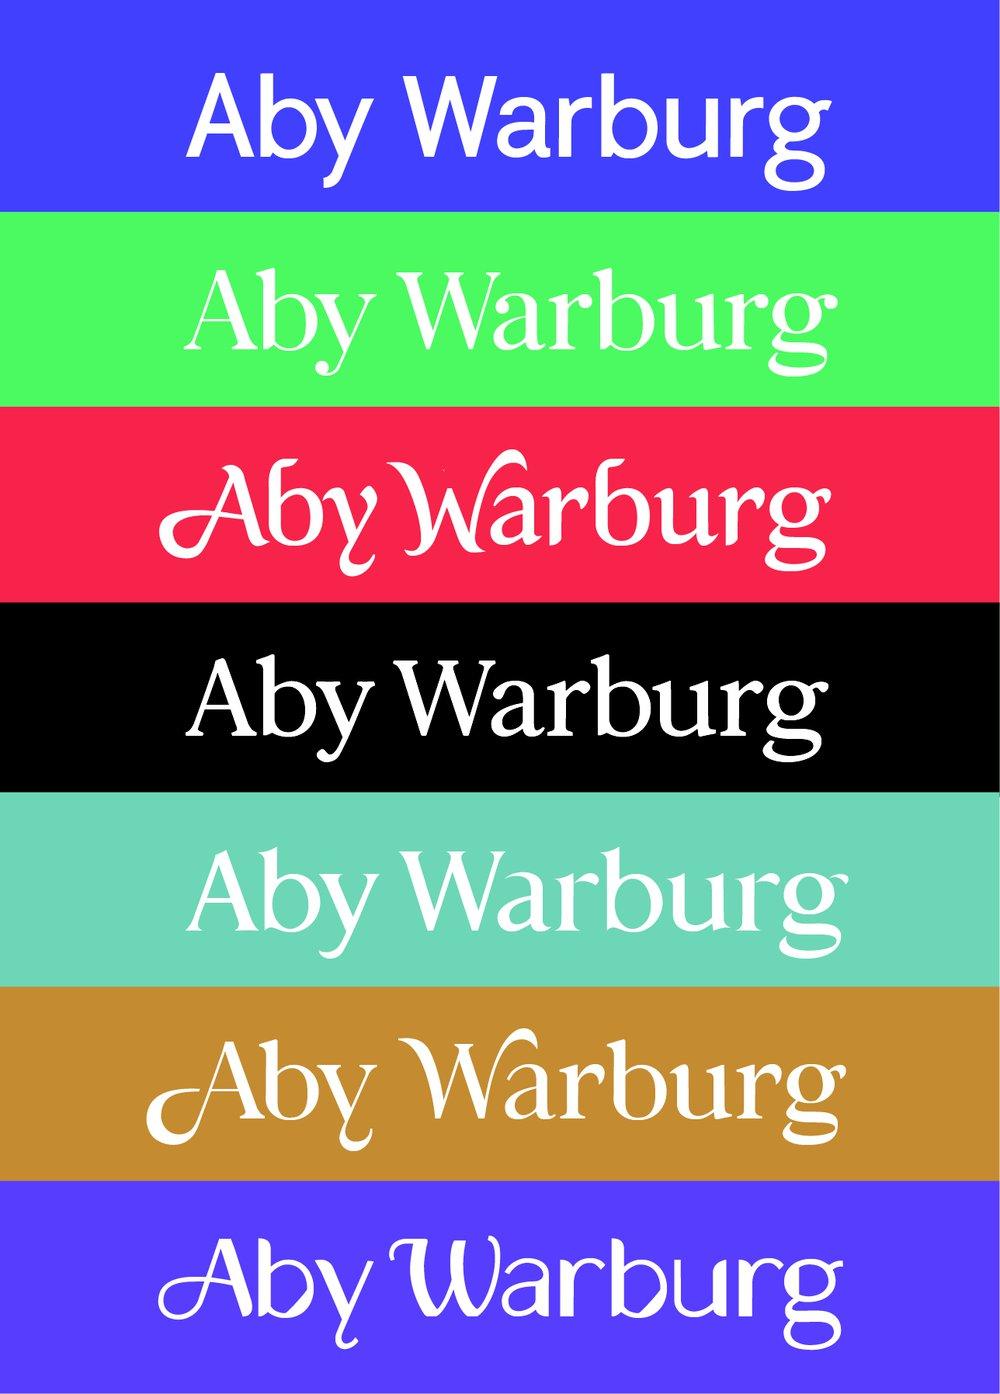 Aby Warburg Variations